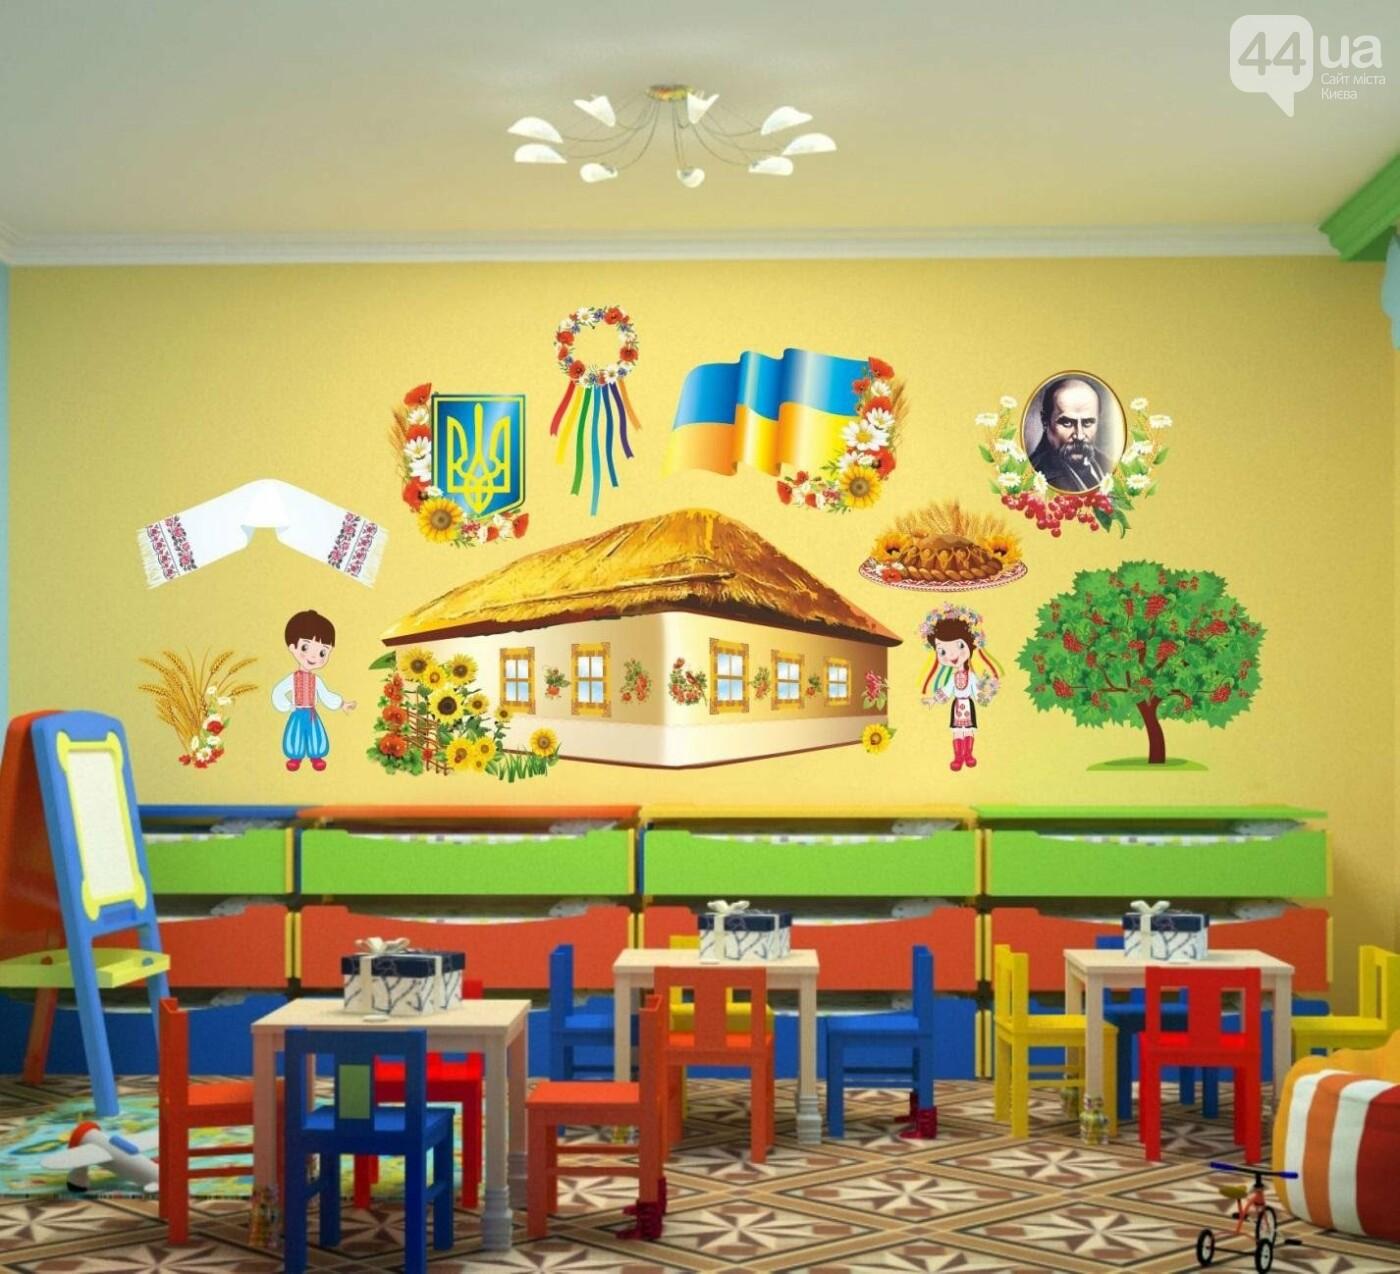 Сучасне оформлення школи 7 зон, навчальні осередки НУШ, фото-5